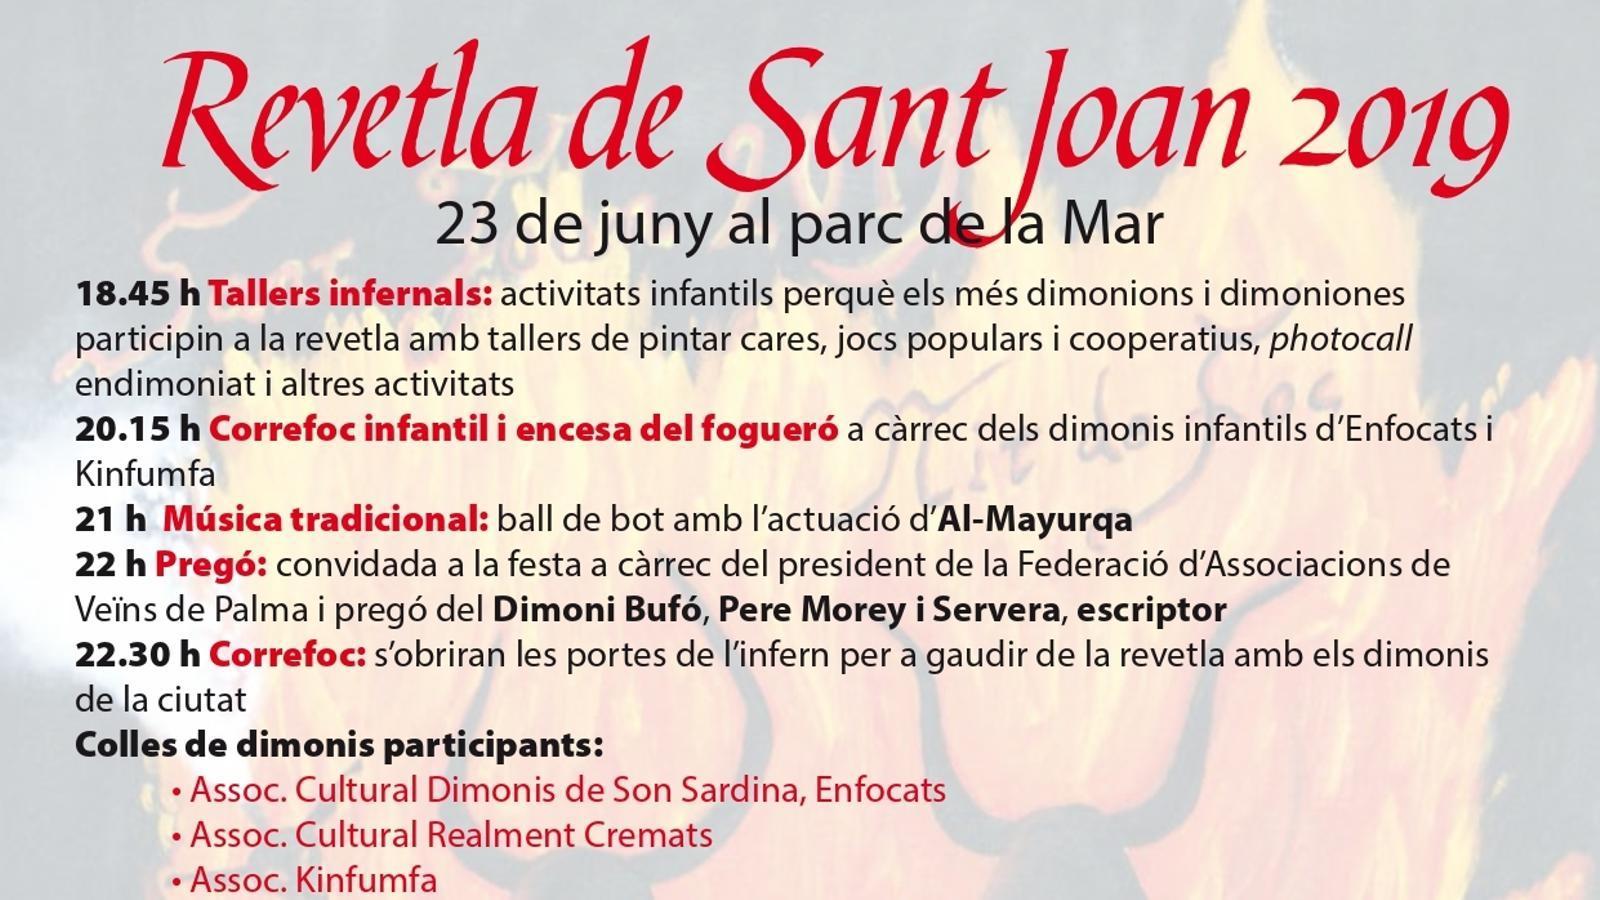 Programa de la revetla de Sant Joan 2019 a Palma. / AJUNTAMENT DE PALMA